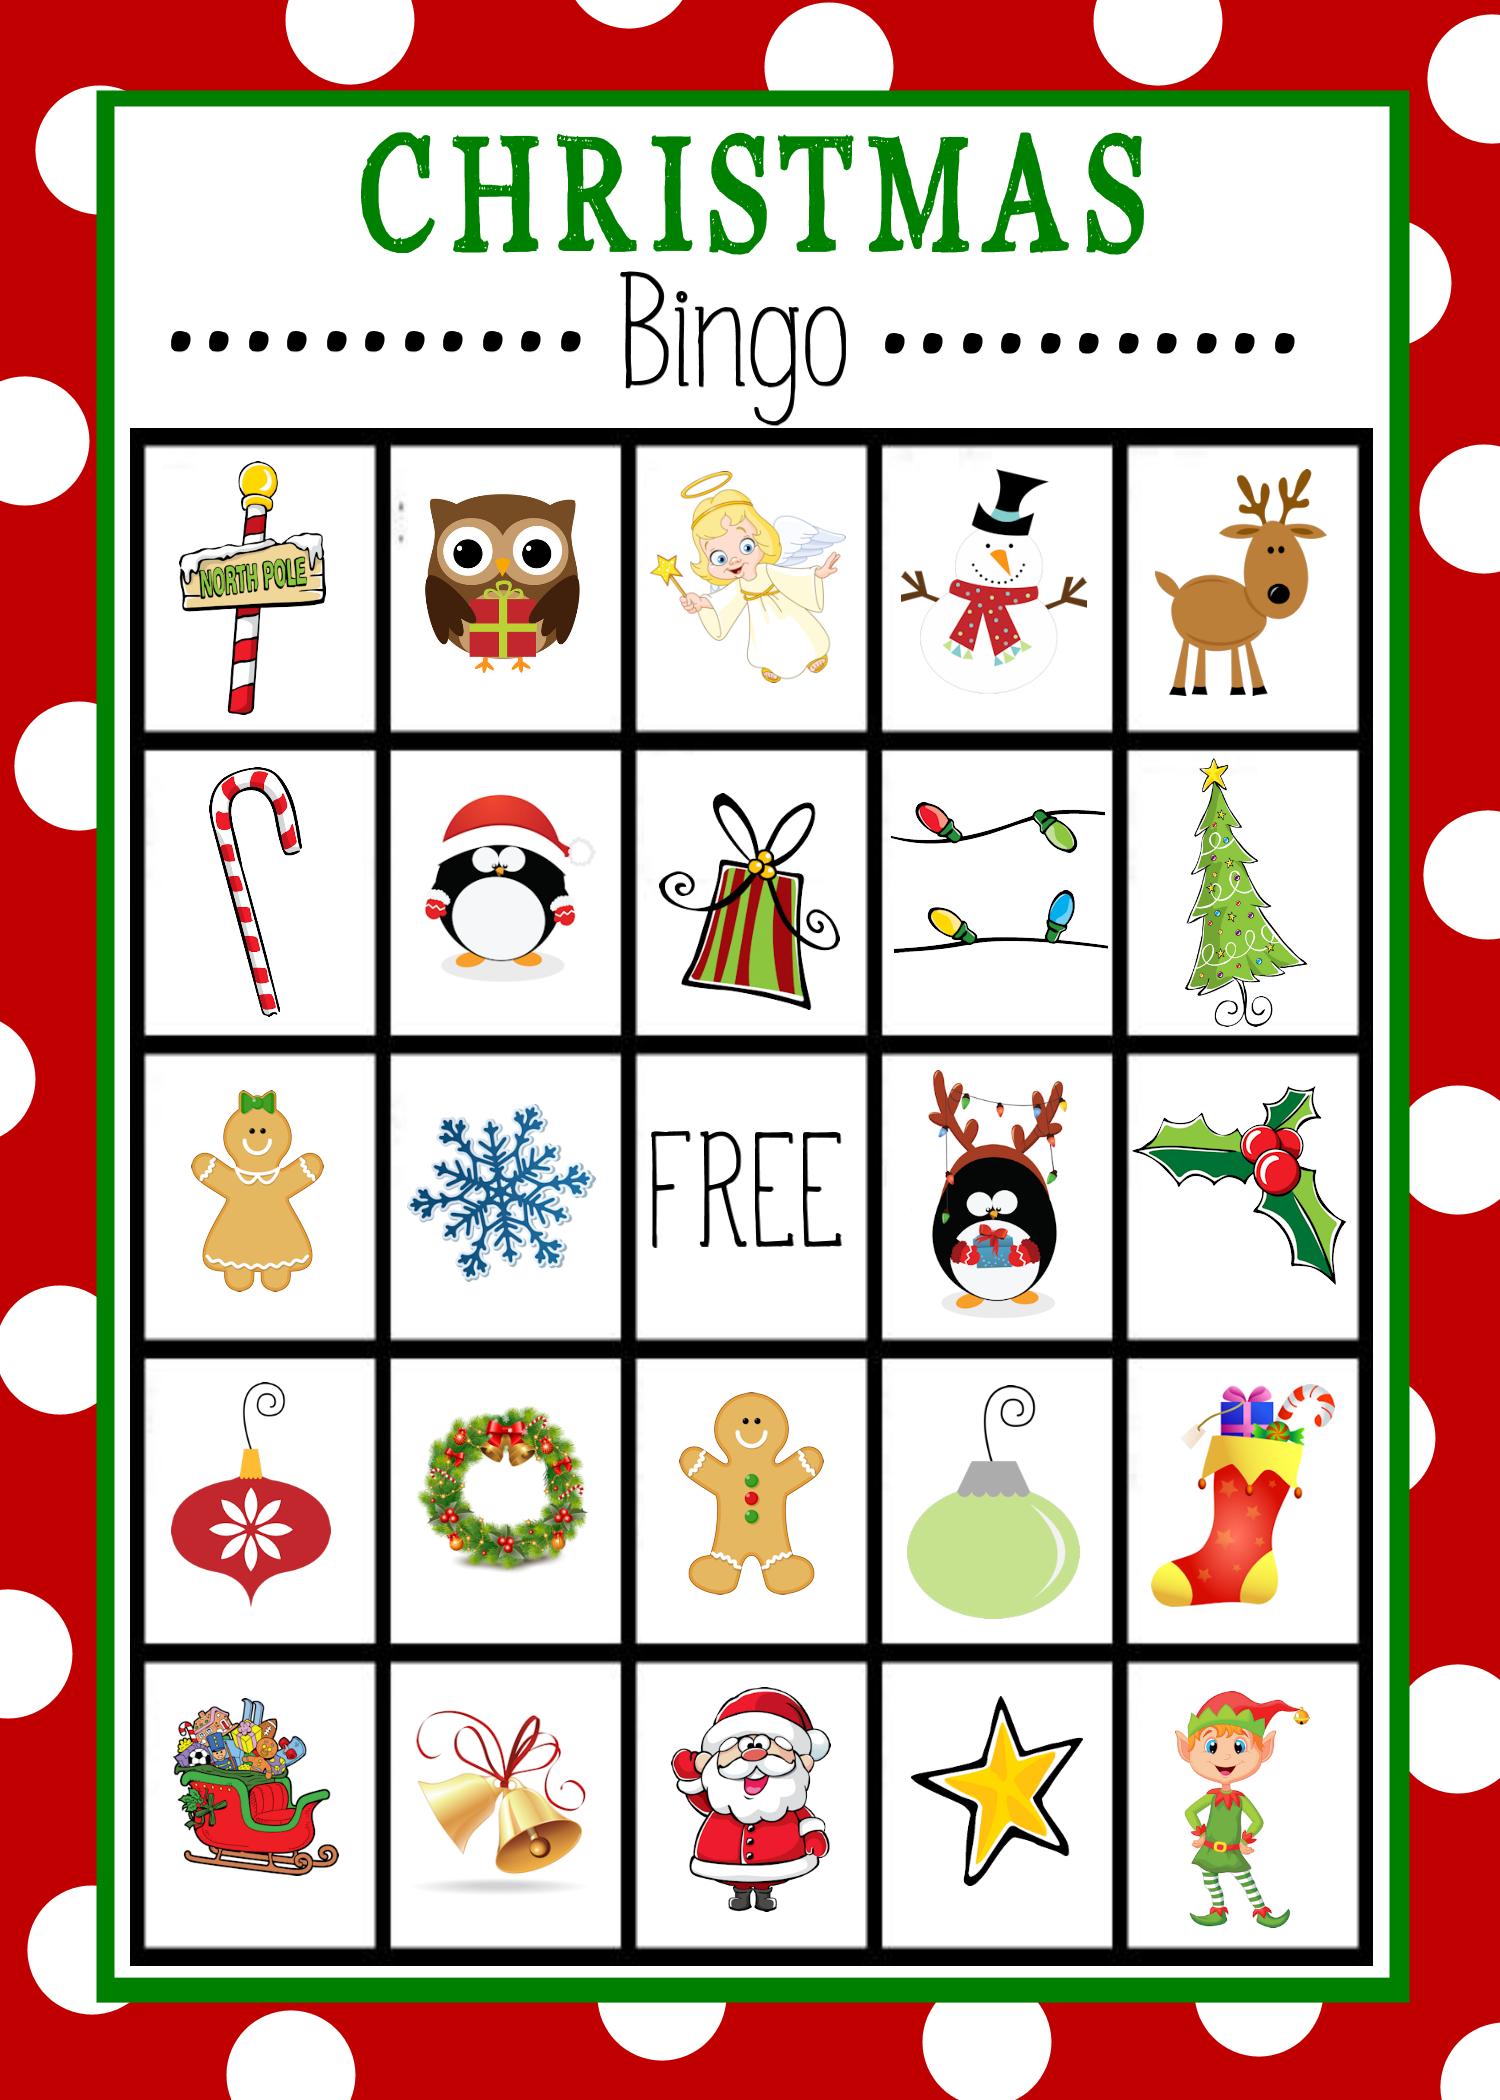 9 Images of Printable Christmas Bingo